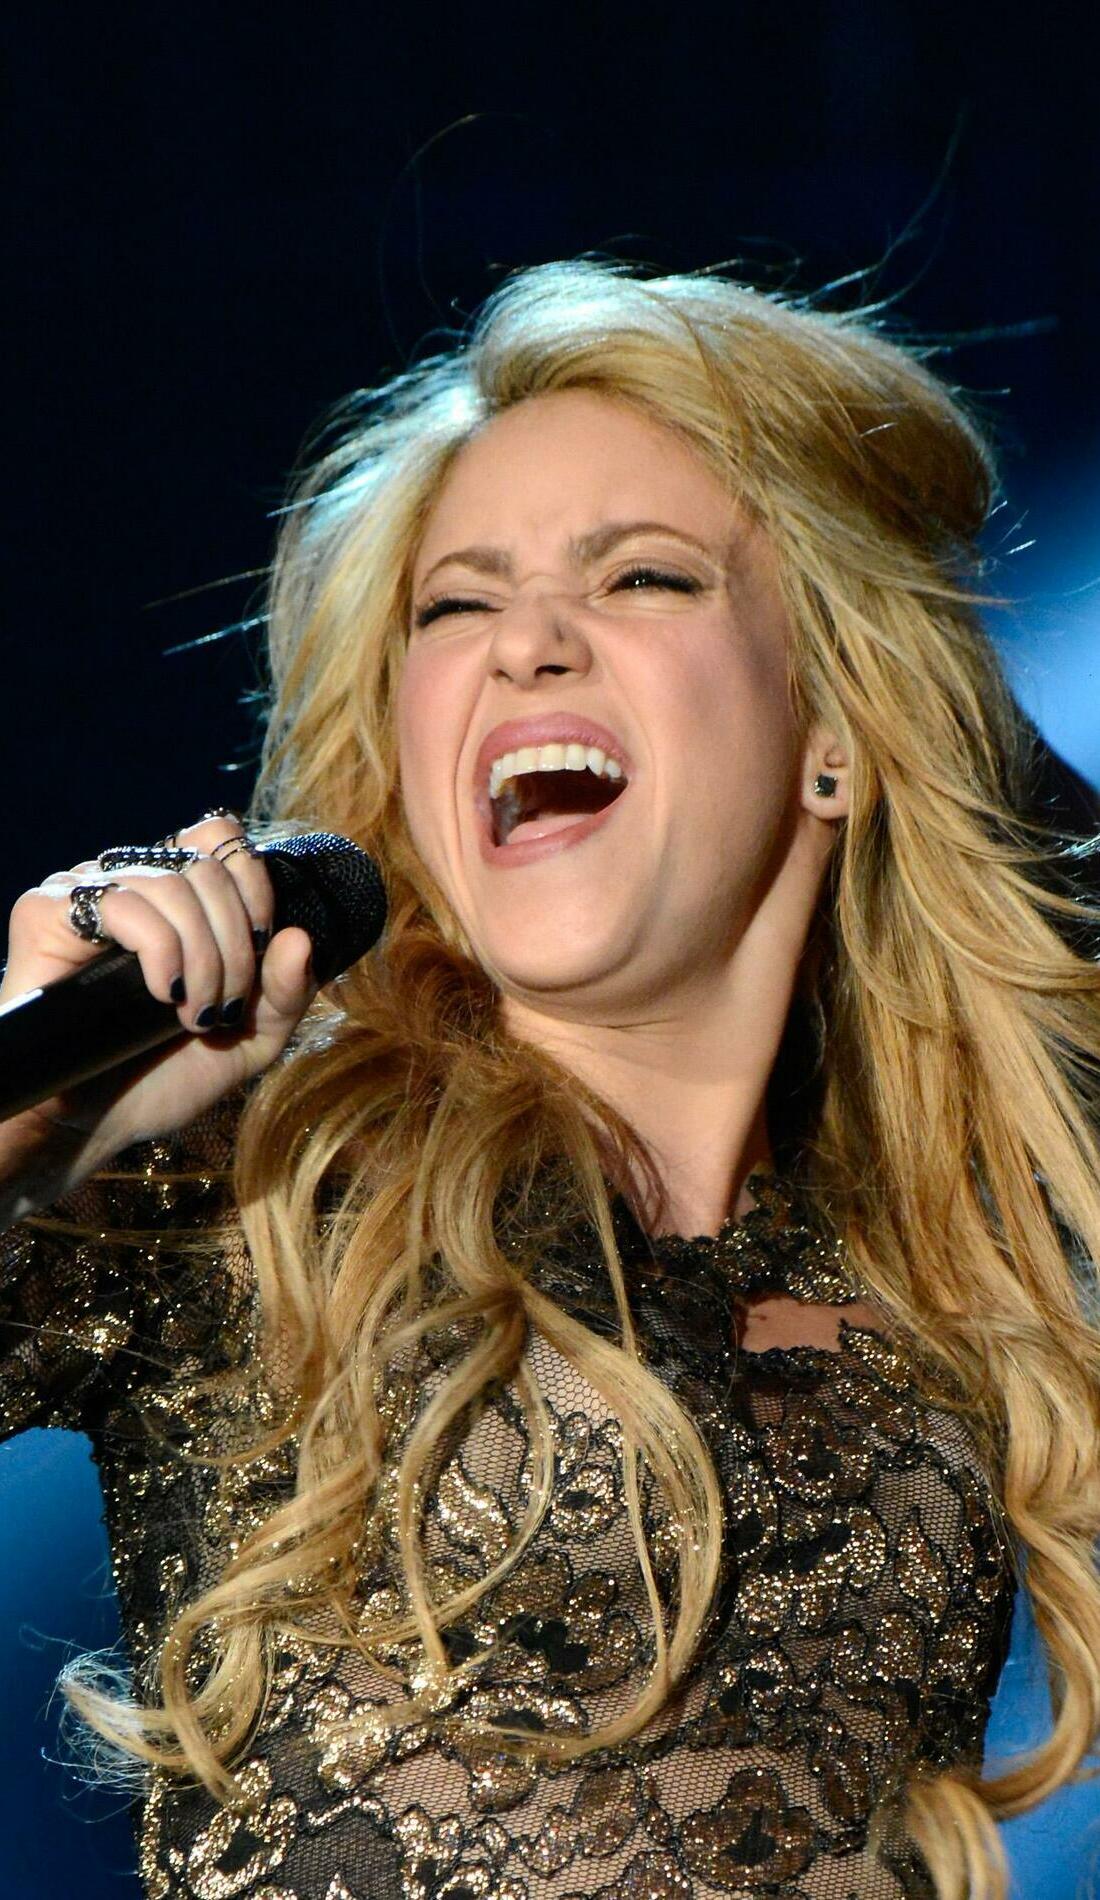 A Shakira live event